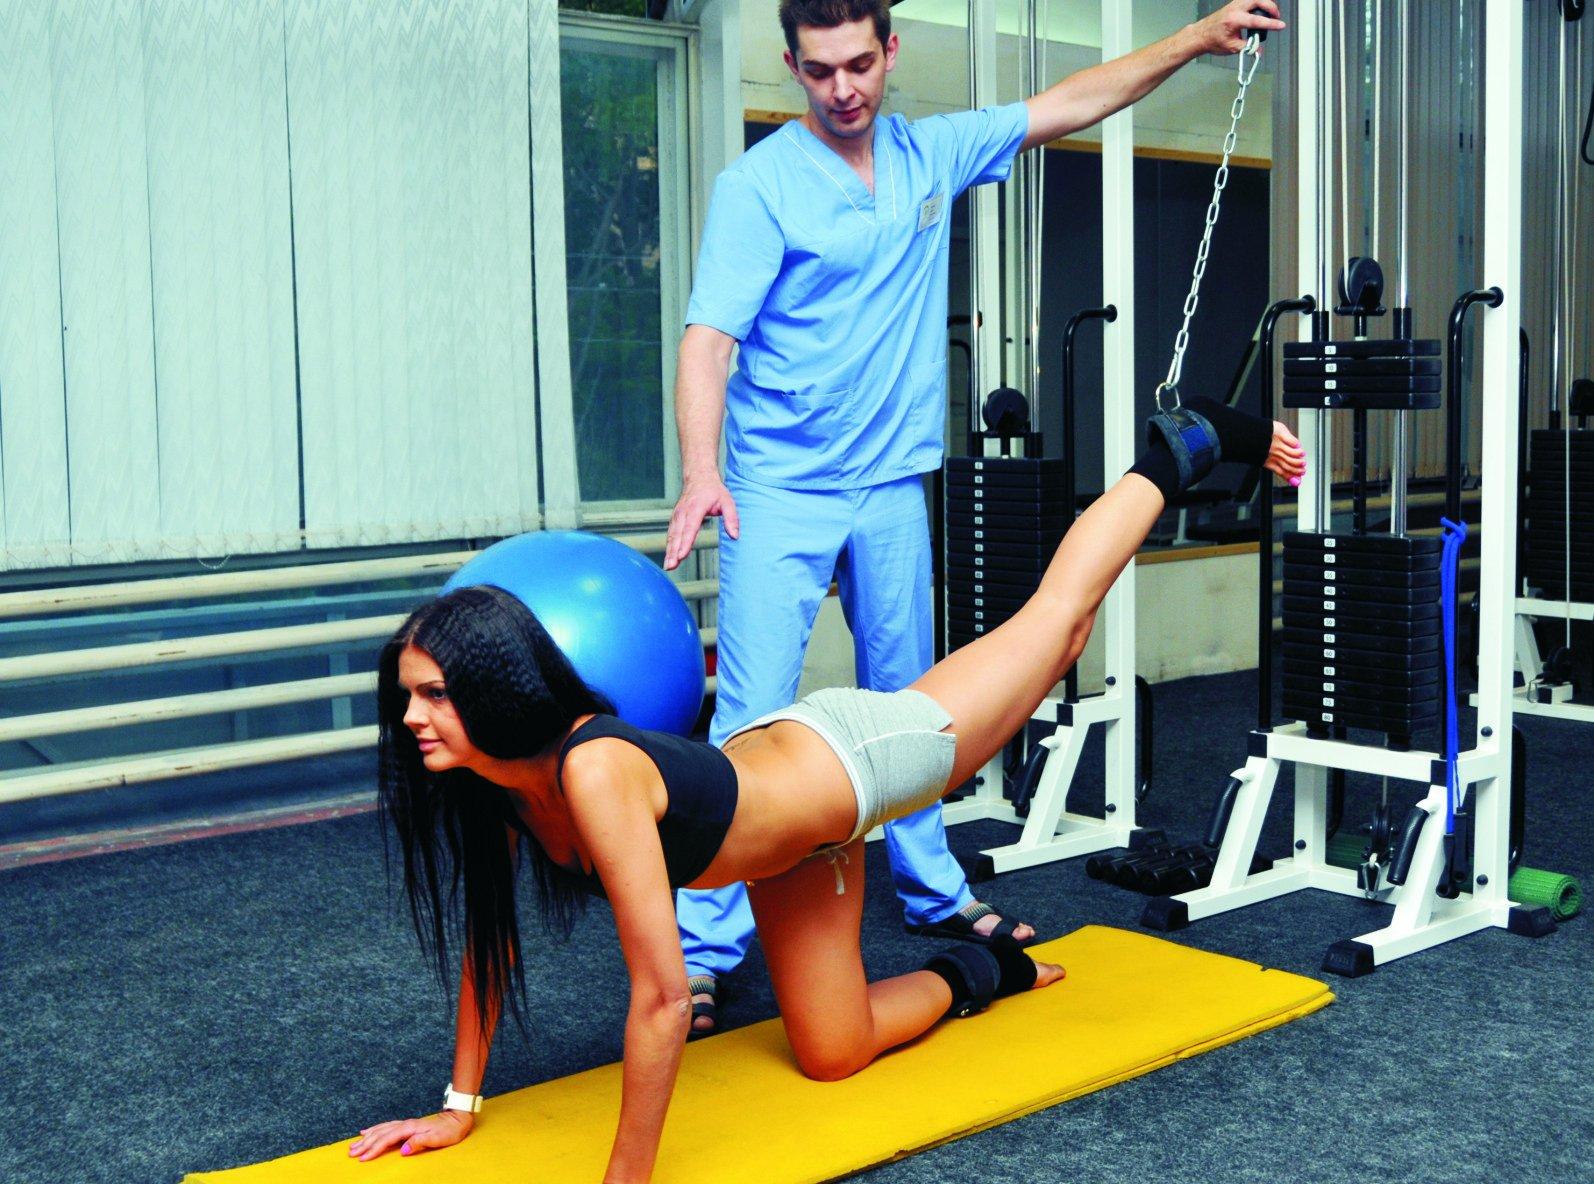 Осевые нагрузки на позвоночник упражнения в тренажерном зале